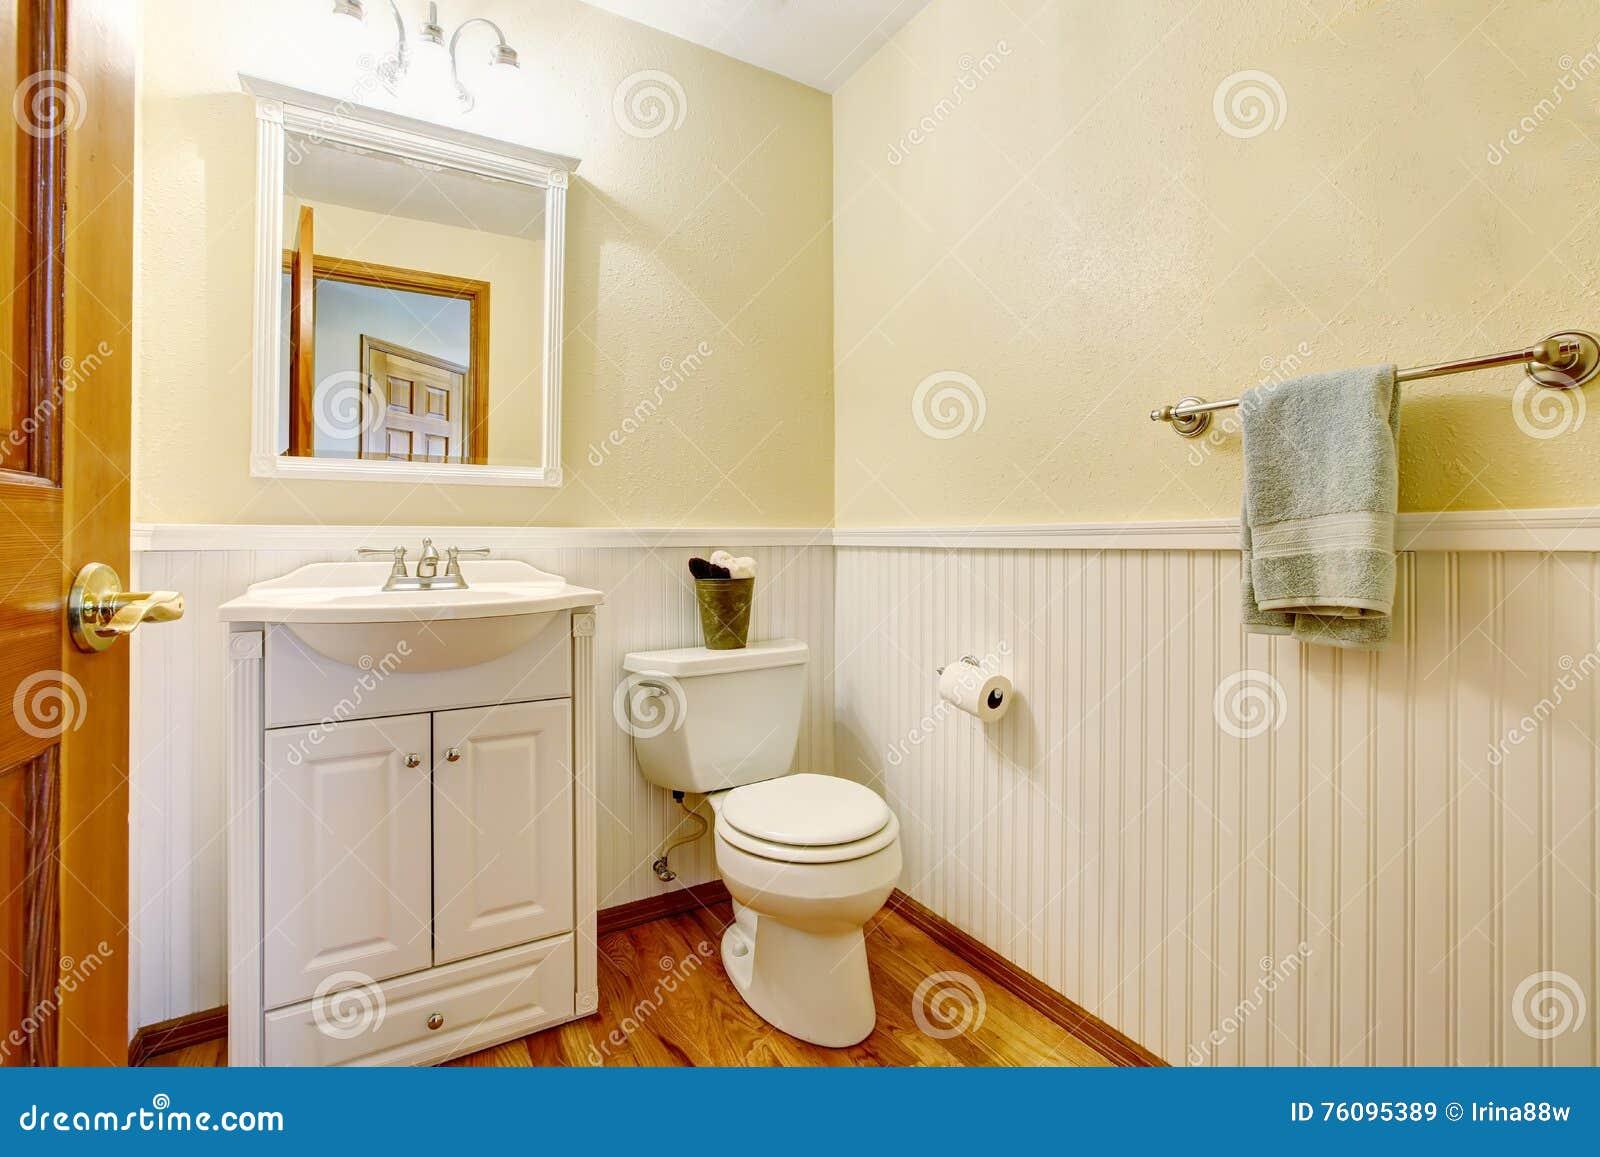 Interieur Simple De Salle Bains Avec Le Coffret Et Plancher En Bois Dur Blancs Vanite Du Nord Ouest Etats Unis